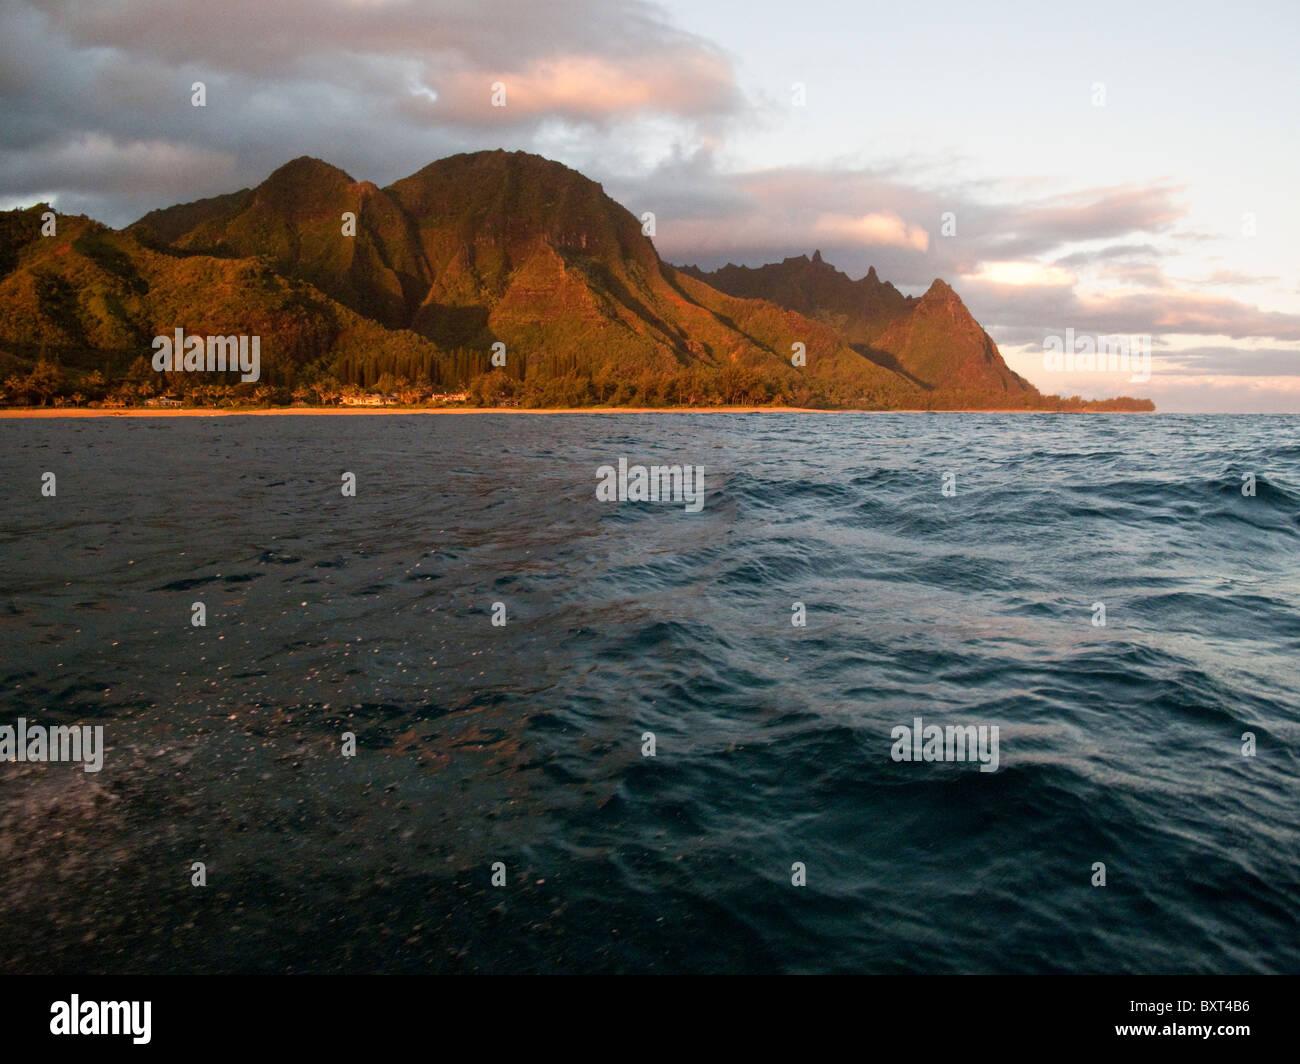 Vista de la playa y de las montañas de Hanalei visto desde un barco en la luz de la mañana temprano, la costa norte de Kauai Foto de stock